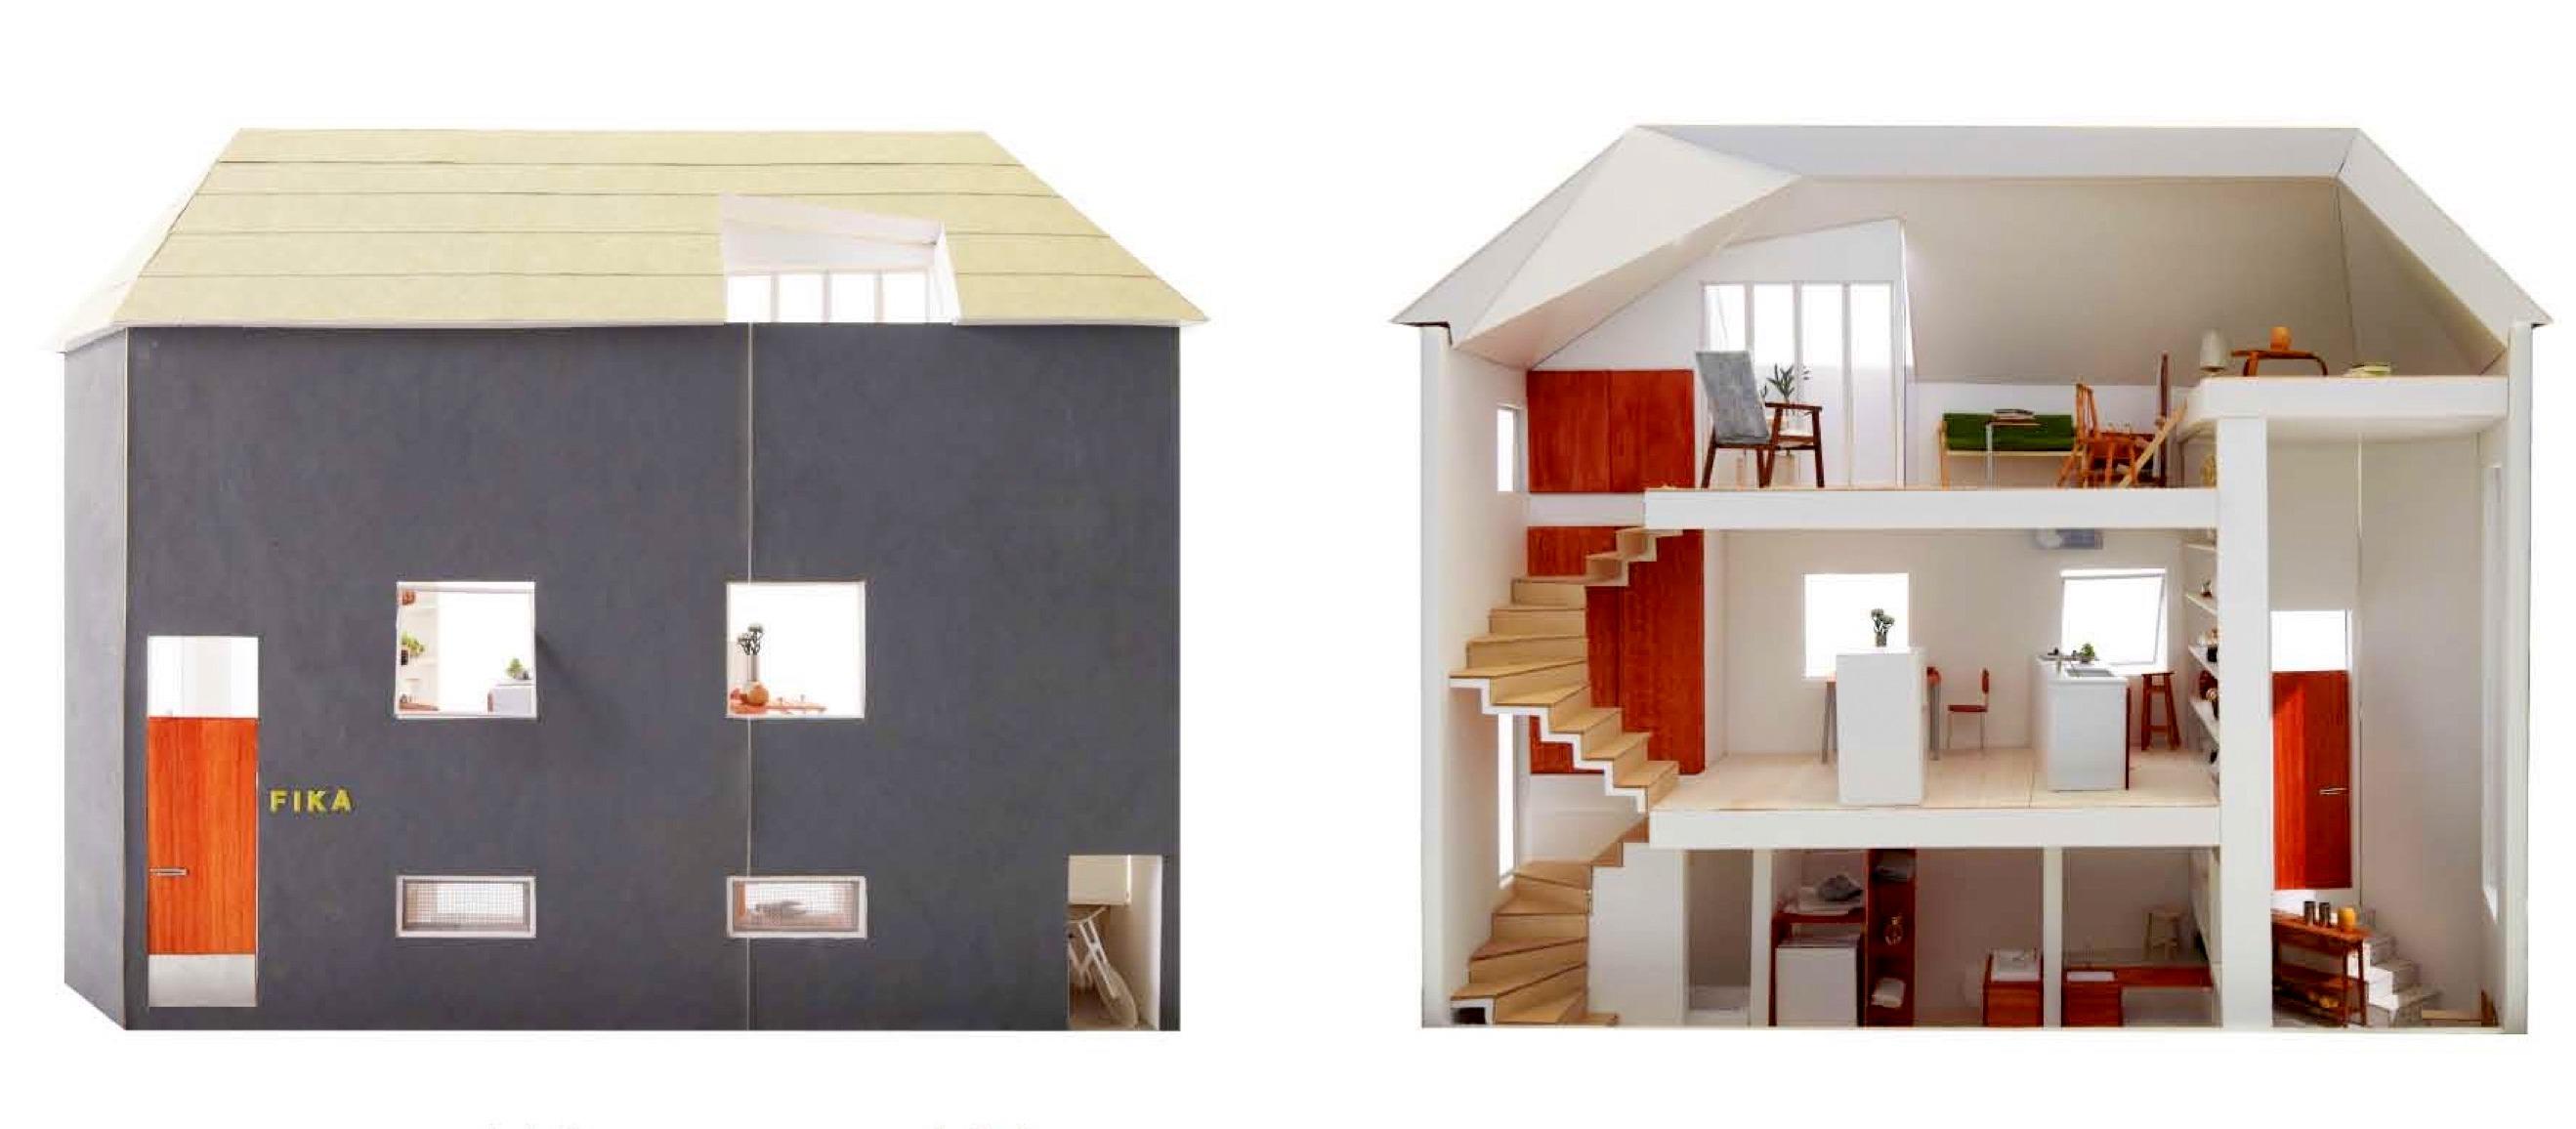 建築家と家を建てる。その前に悩ましい建築家選び。7坪ハウス流・建築家の選び方(前編)